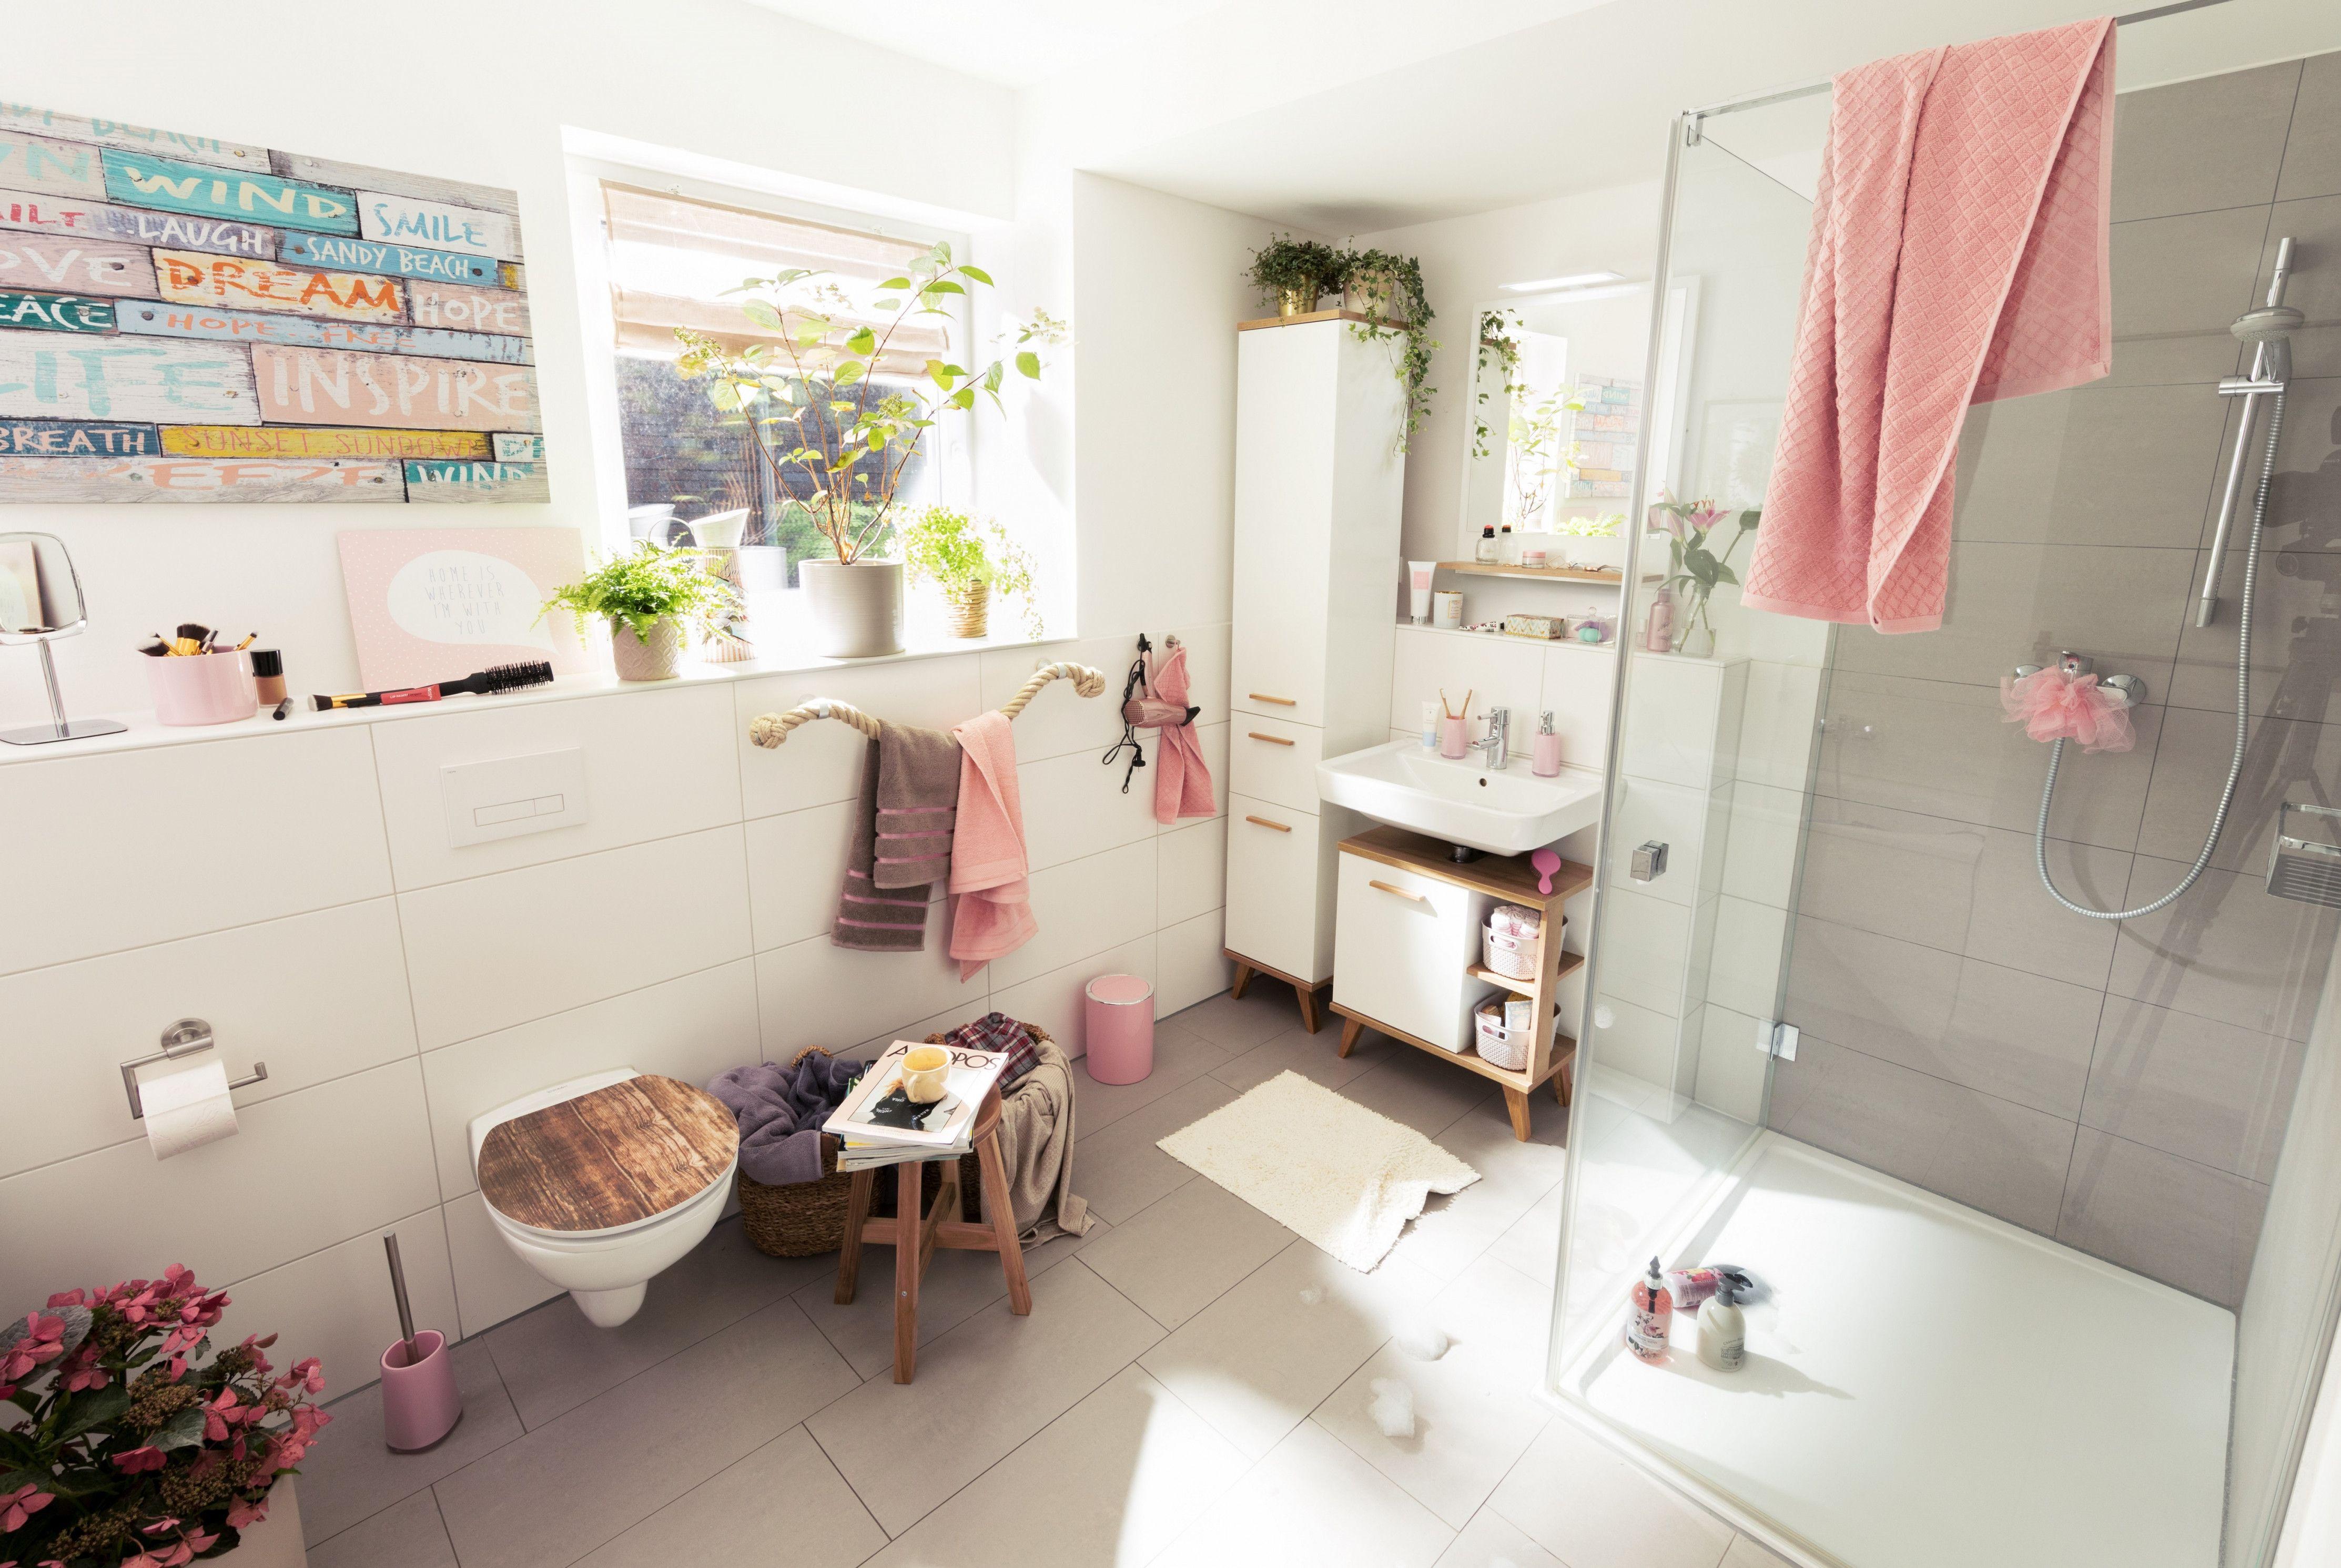 Badezimmer Verschonern Dekoration Mit Bildern Dekoration Badezimmer Badezimmer Haus Design